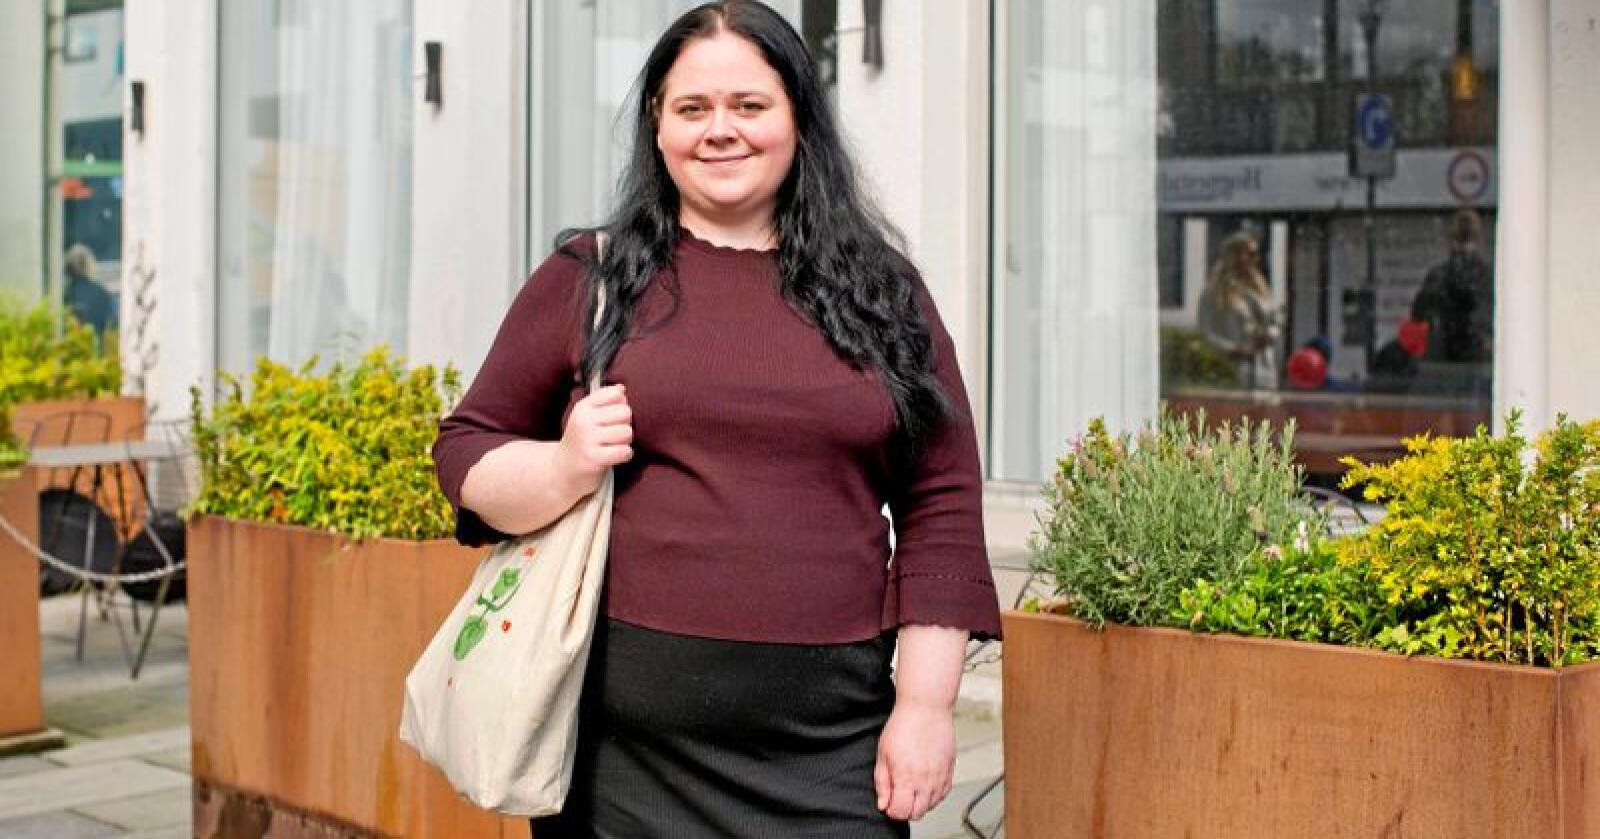 """Vil bruke mer norske råvarer. - Vi burde være mer selvforsynt med mat. Hvorfor skal vi importere """"snobbegrønnsaker?, sier matblogger Mari Hult, som nå er blitt mer bevisst på hva hun velger. Alle foto: Solfrid Sande"""